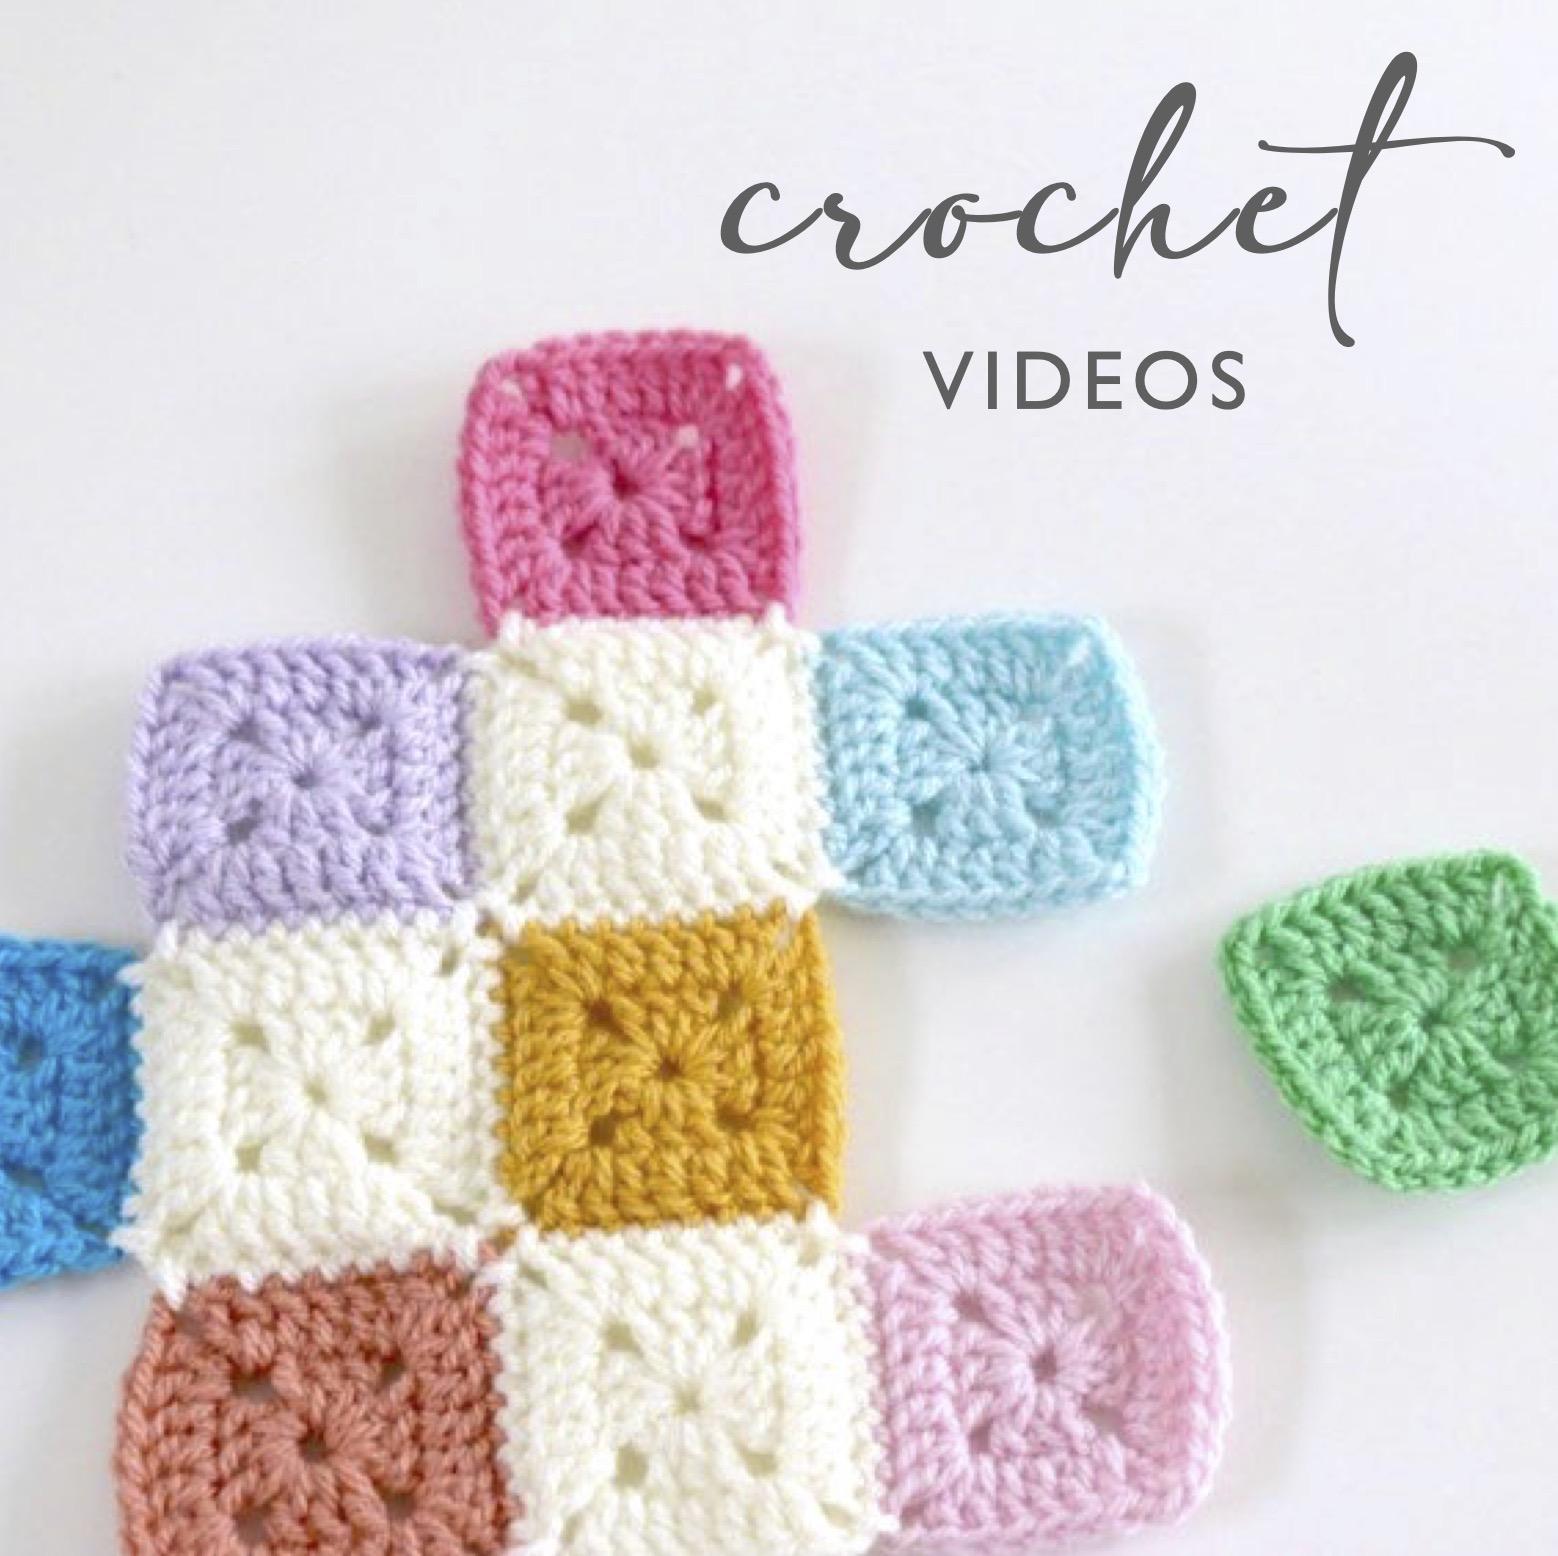 Crochet Videos Link